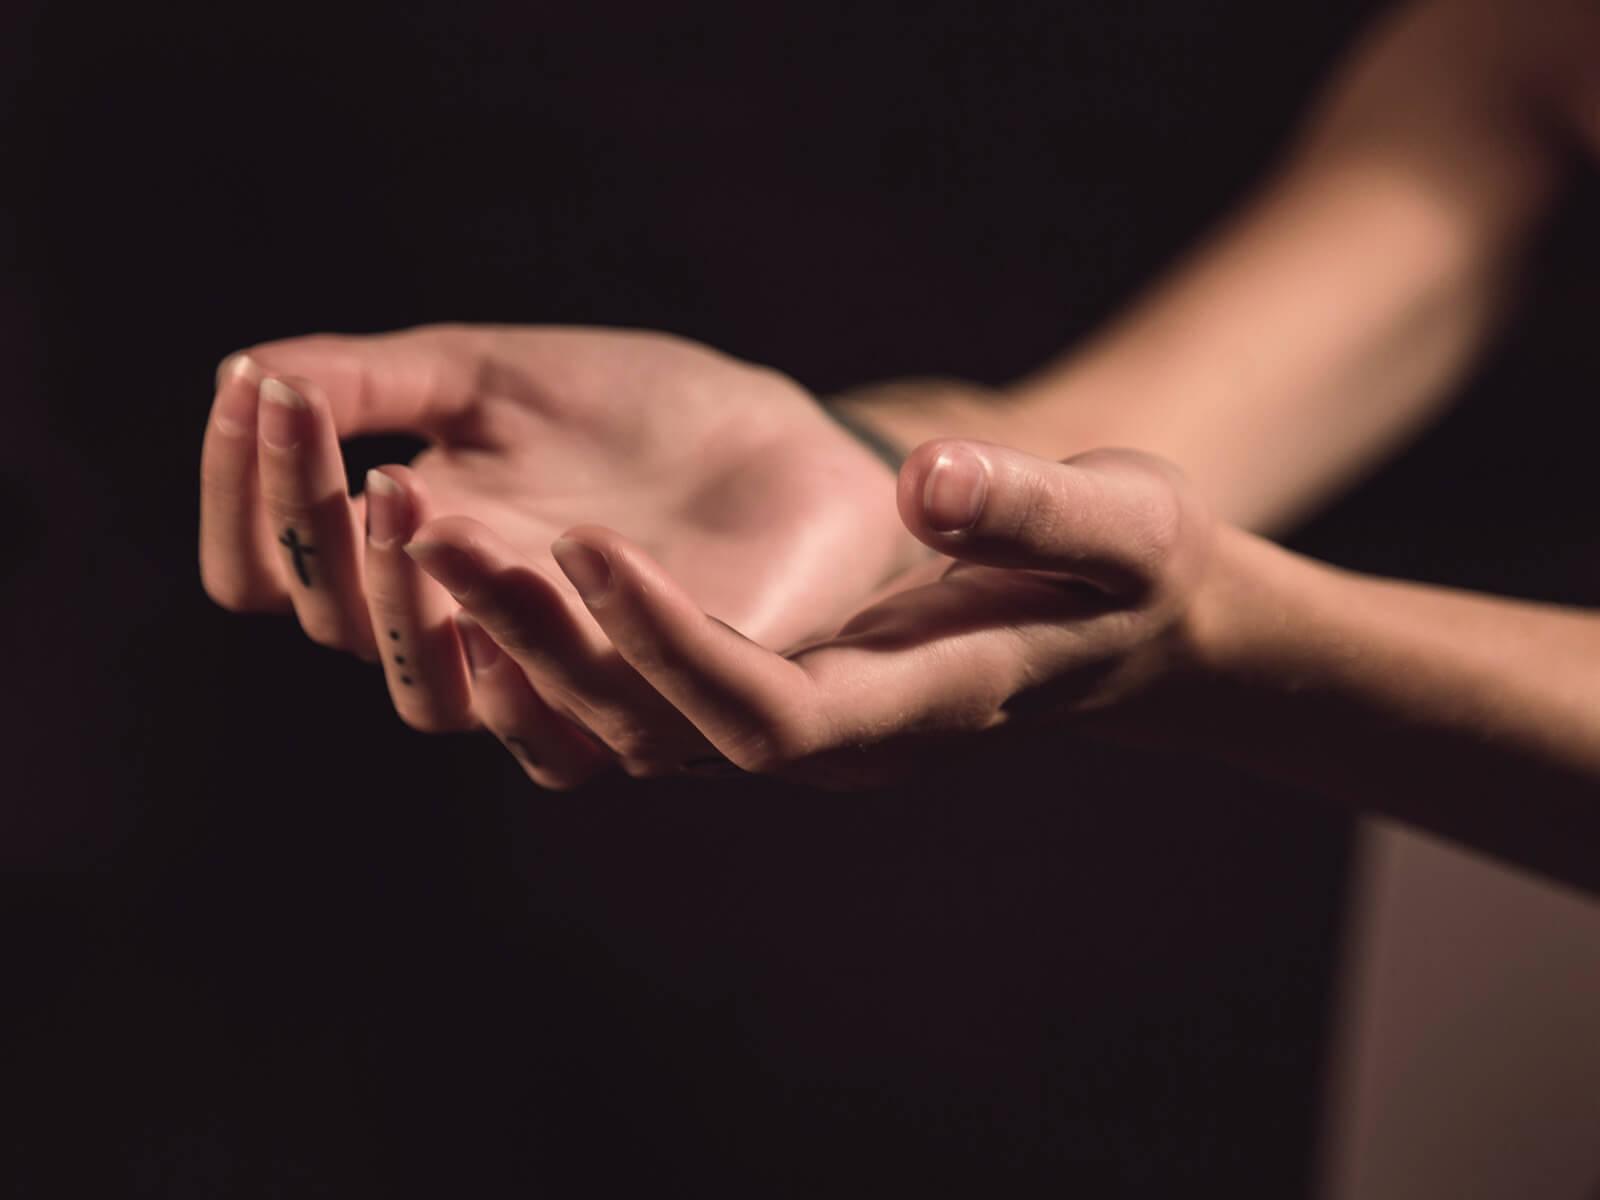 Einladung zum gemeinsamen Gebet (c) CC0 1.0 - Public Domain (von unsplash.com)